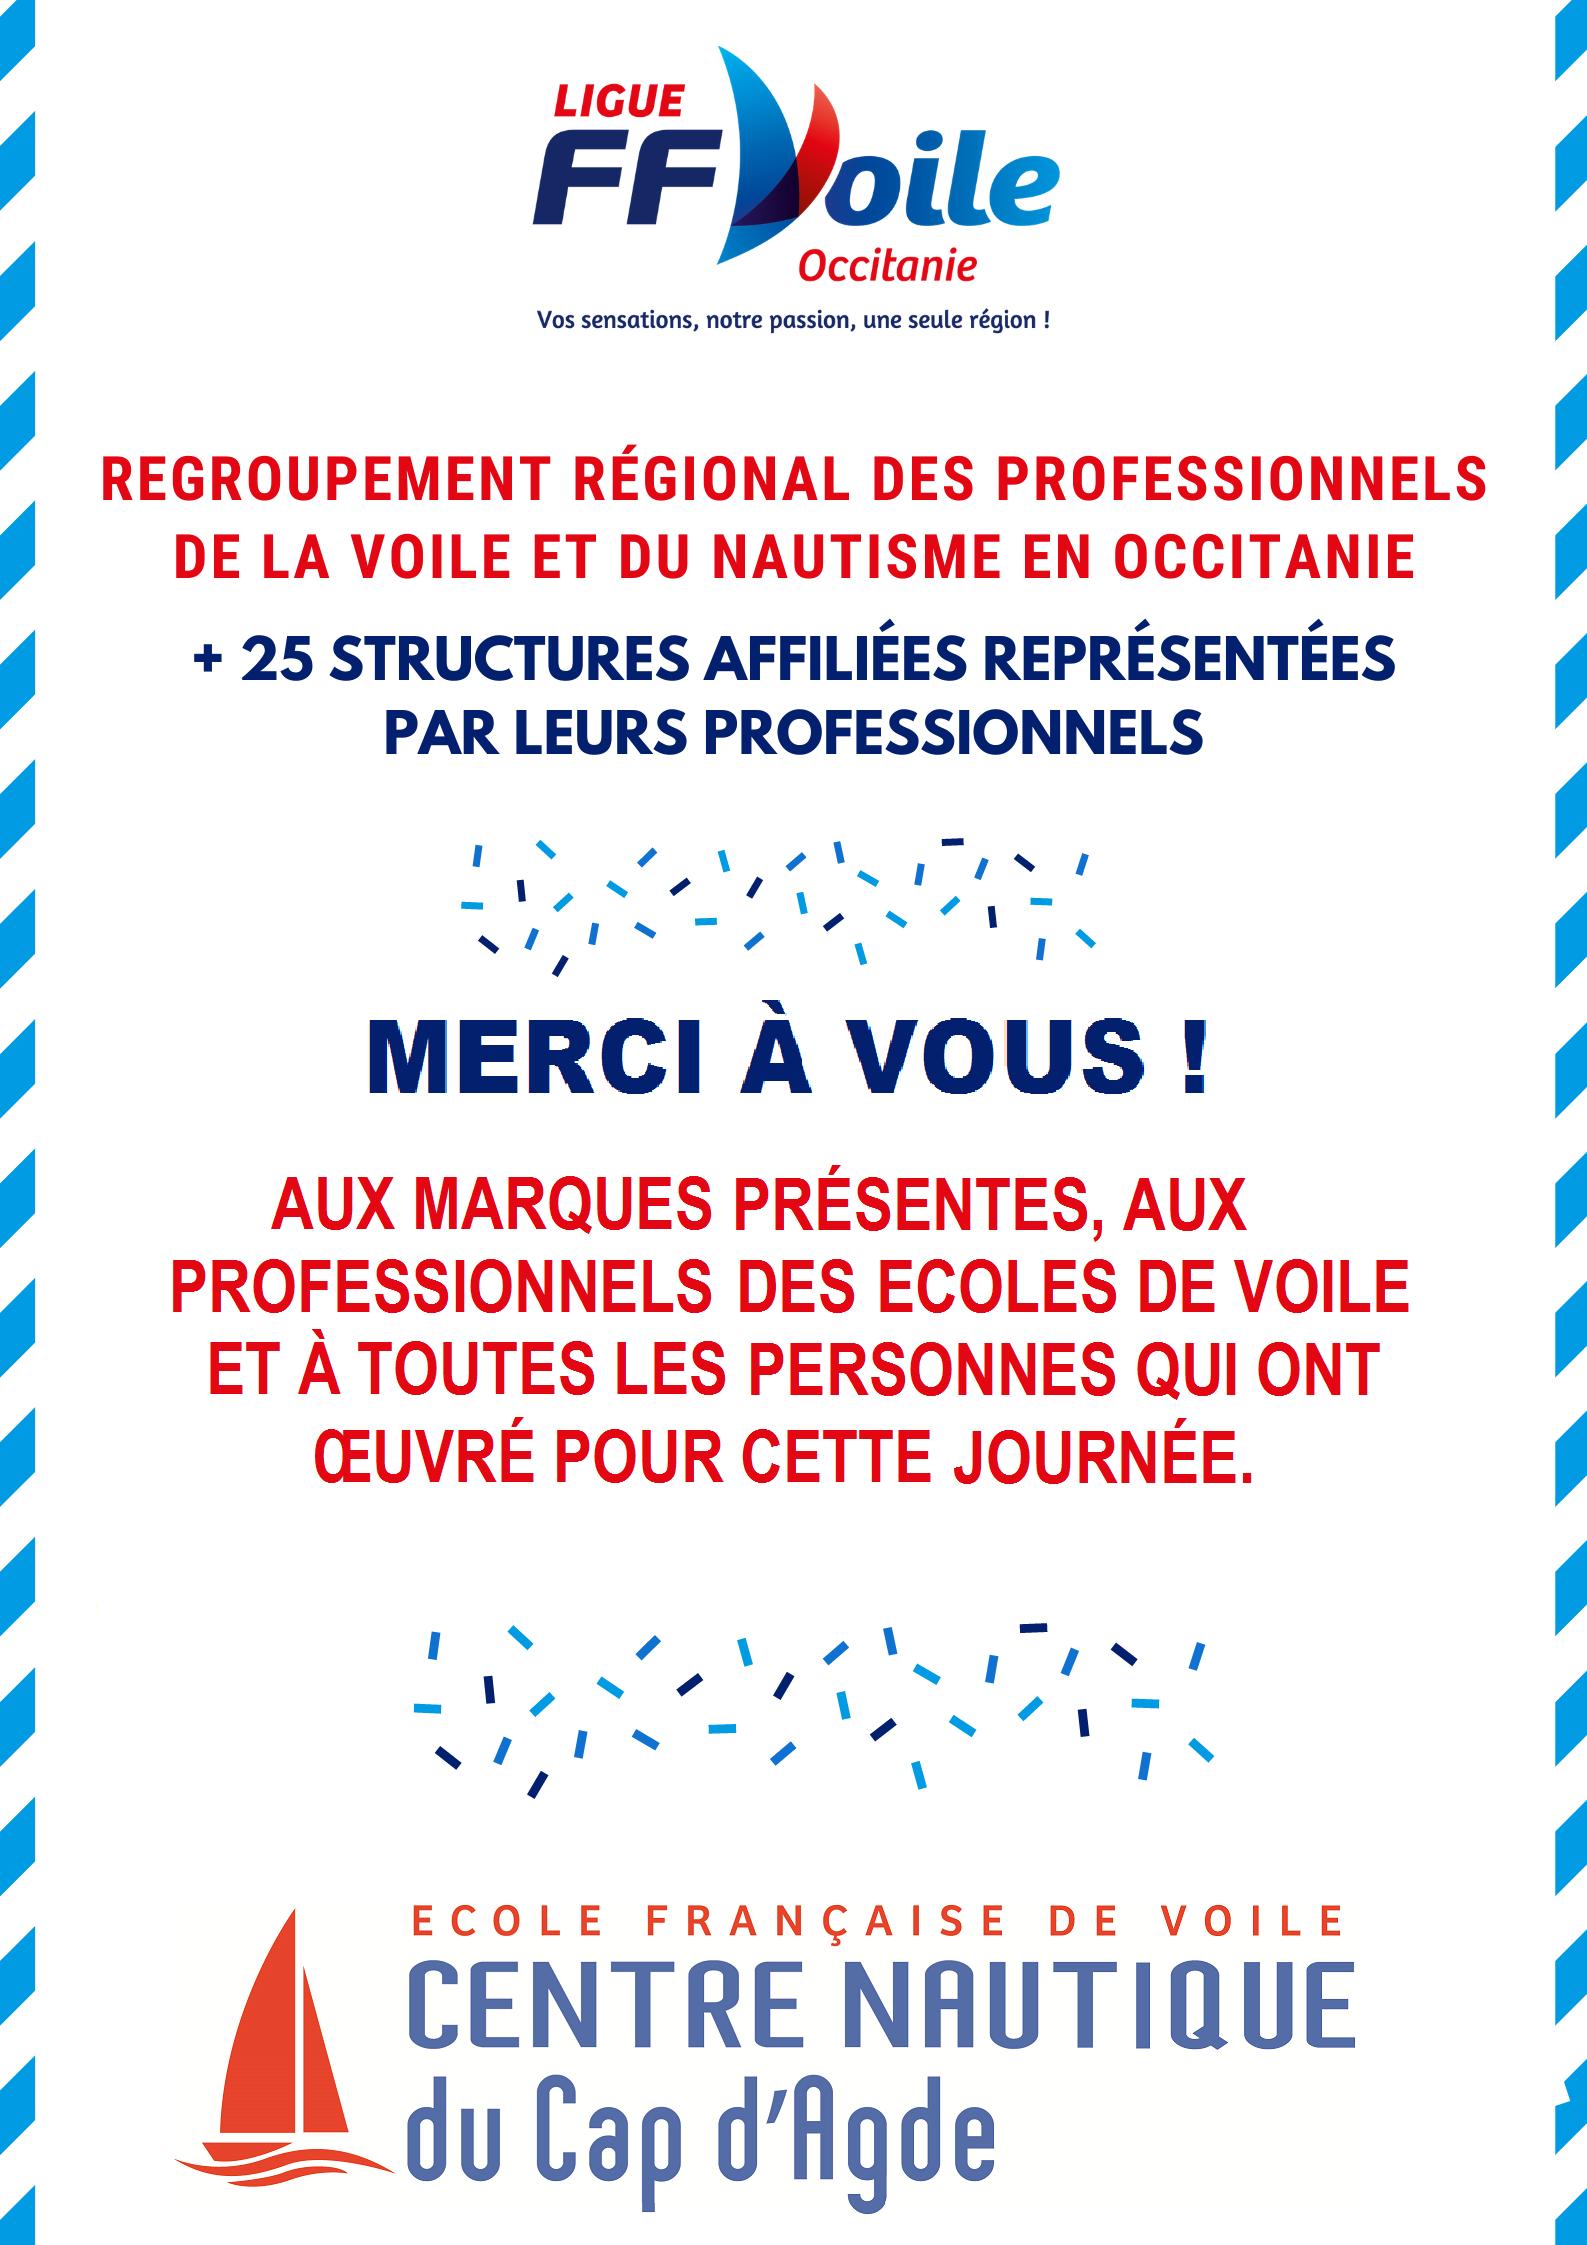 1er Regroupement Régional des Permanents des Structures affiliées